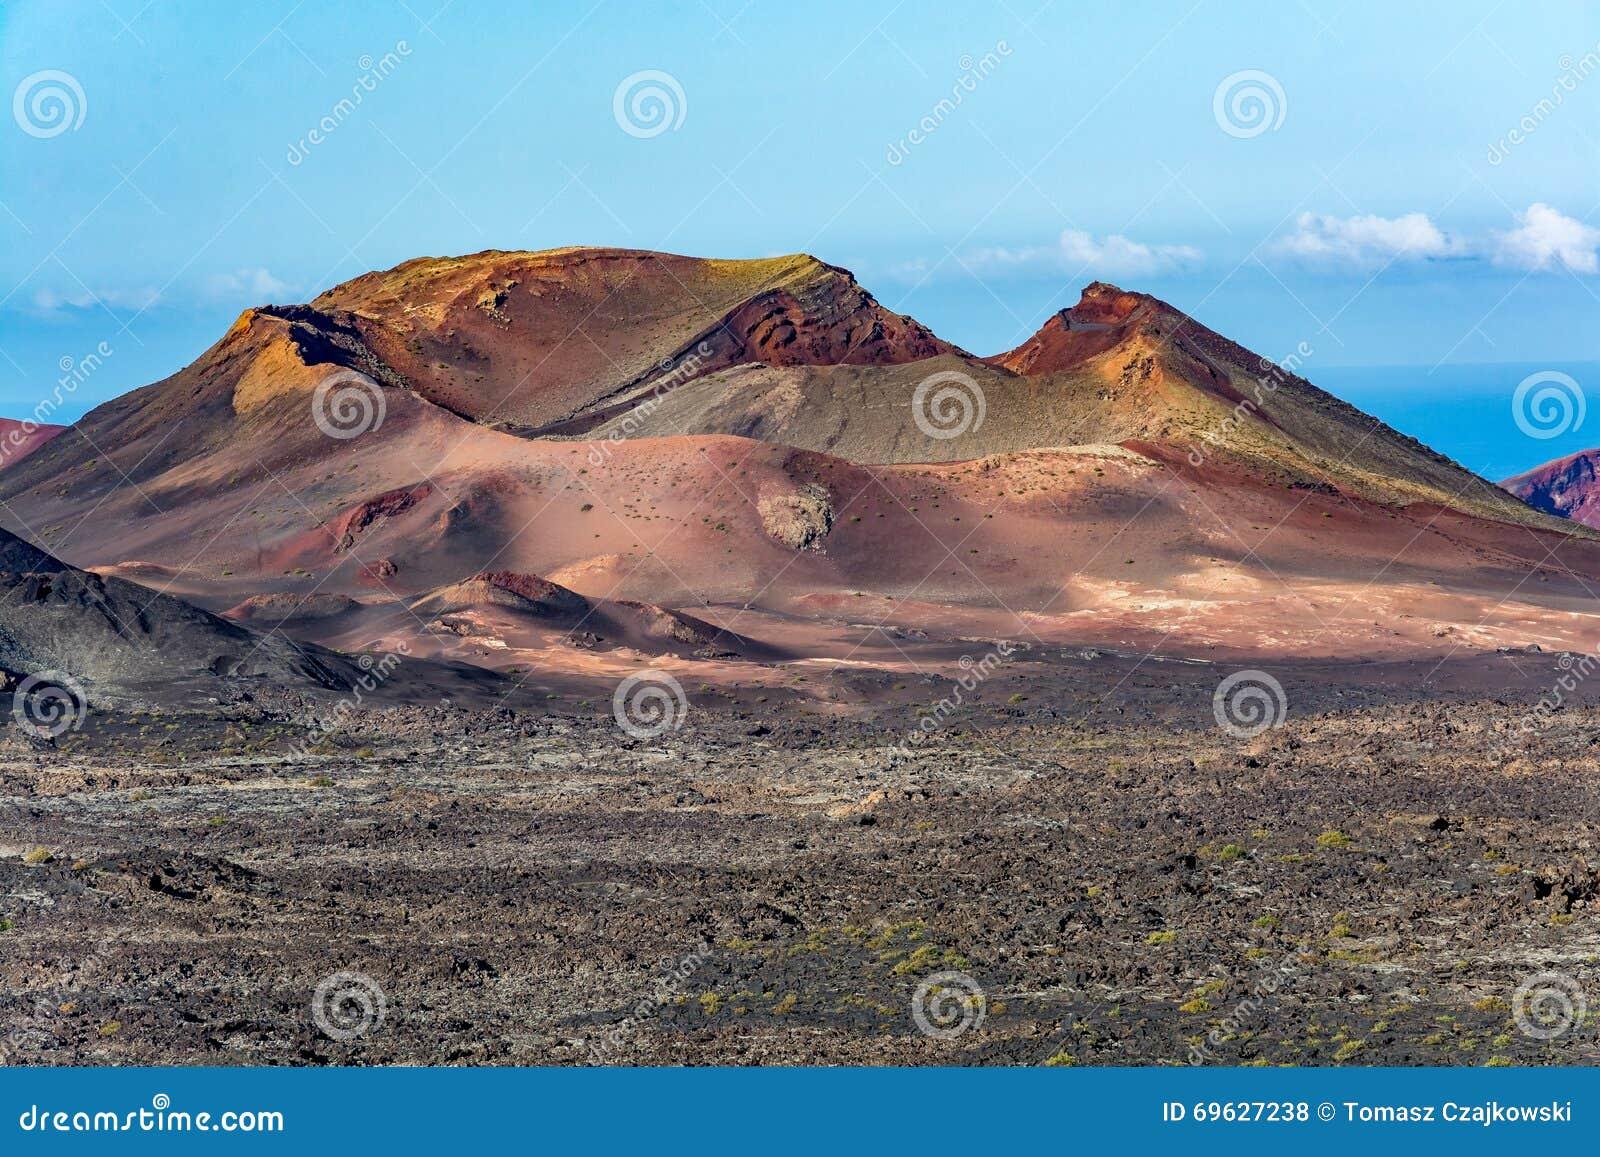 Paisaje volcánico asombroso de la isla de Lanzarote, parque nacional de Timanfaya